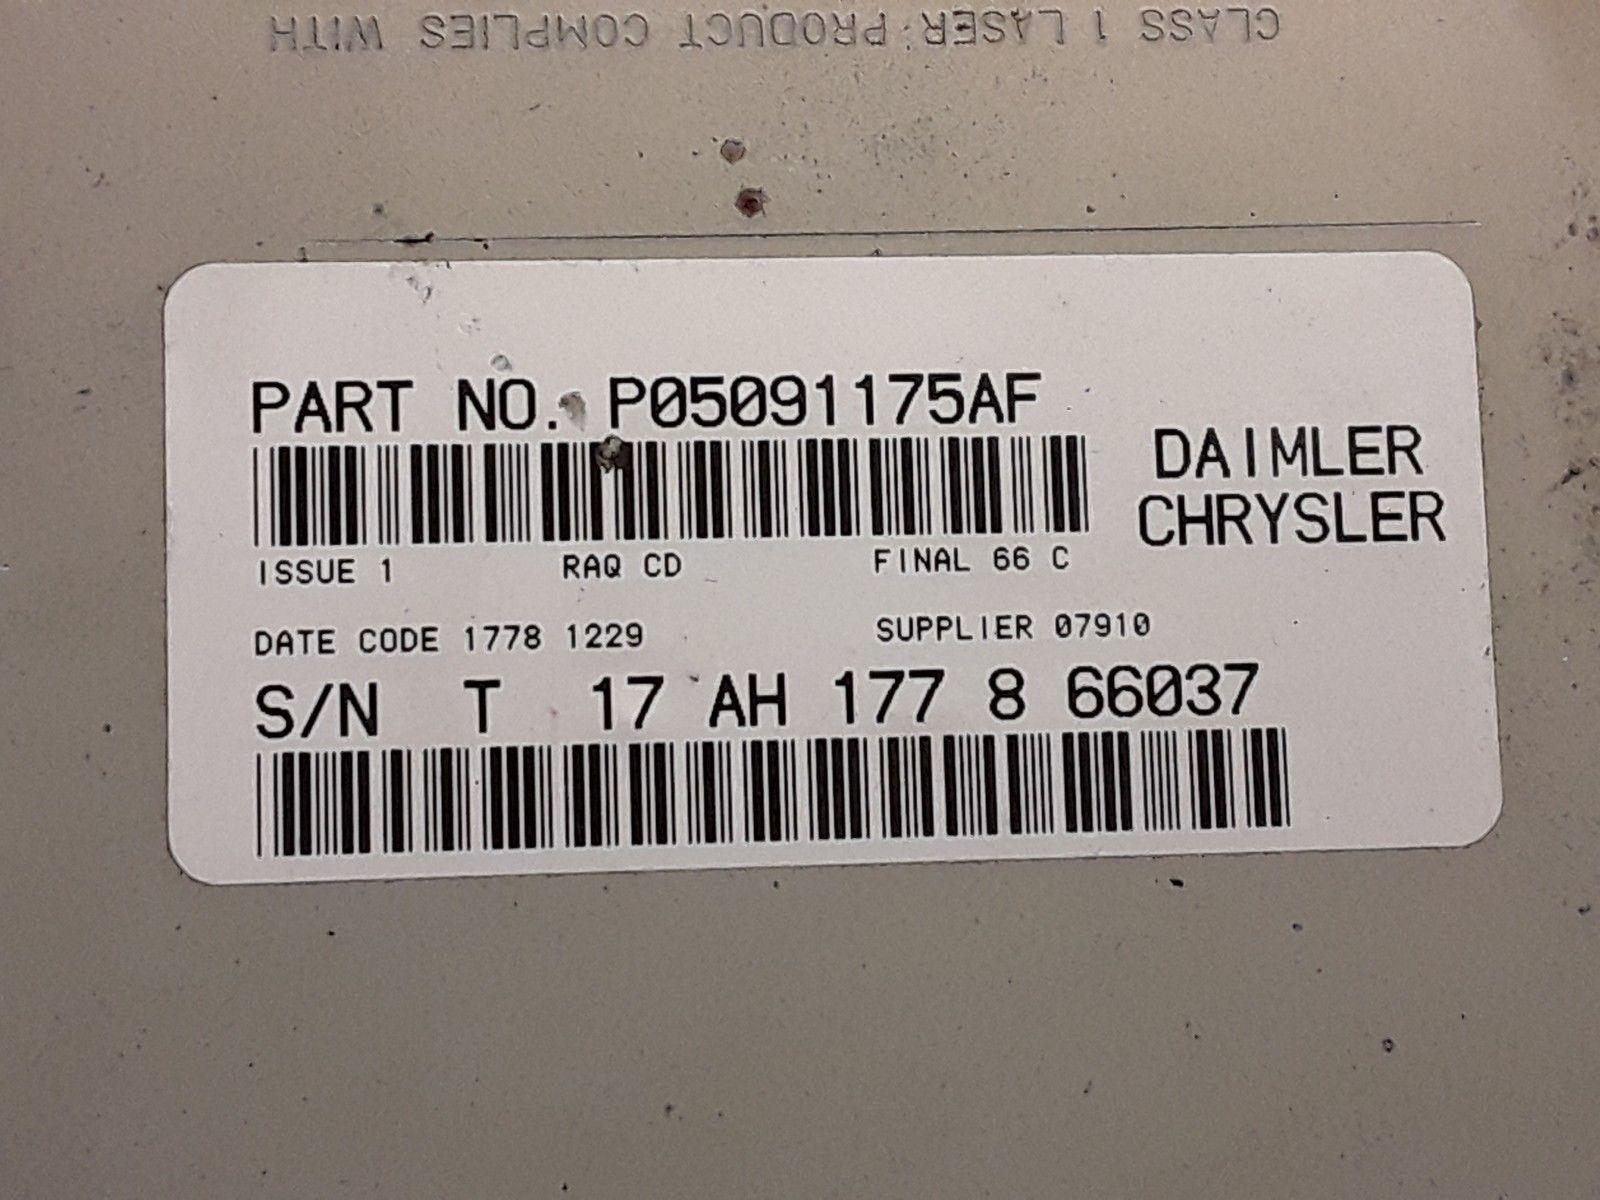 04 05 06 07 08 09 Dodge Chrysler Jeep AM FM 6 disc CD radio receiver P05091175AF image 4